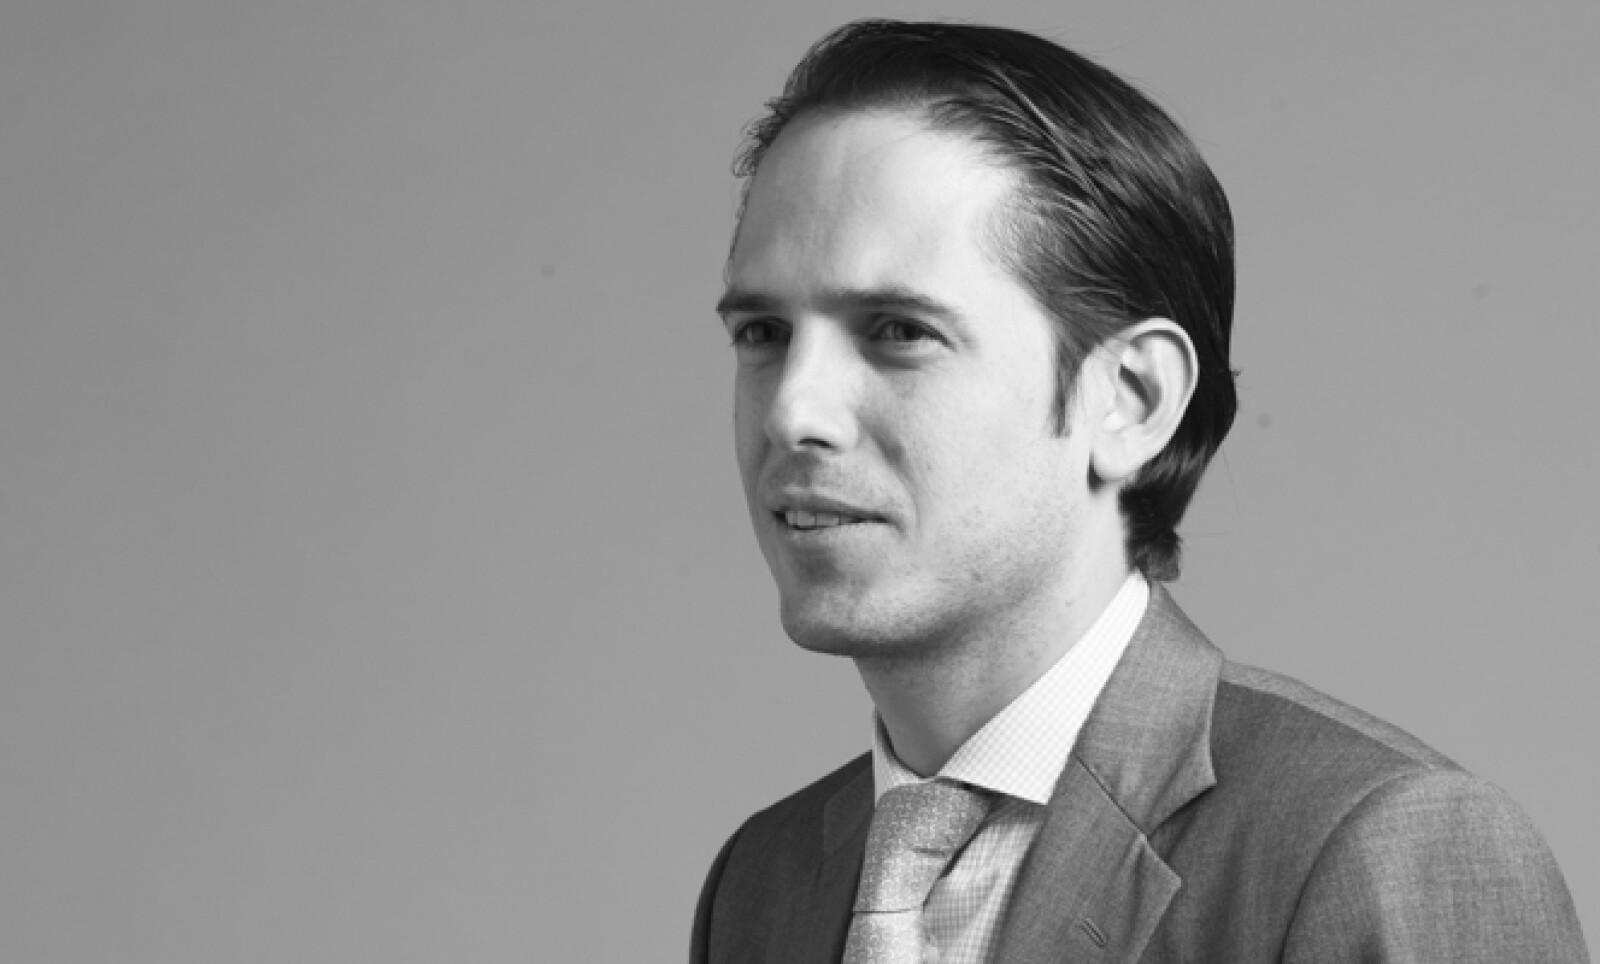 Trader de derivados en JP Morgan. Promociona los bonos mexicanos y es el más joven en el cargo en la historia de la empresa.